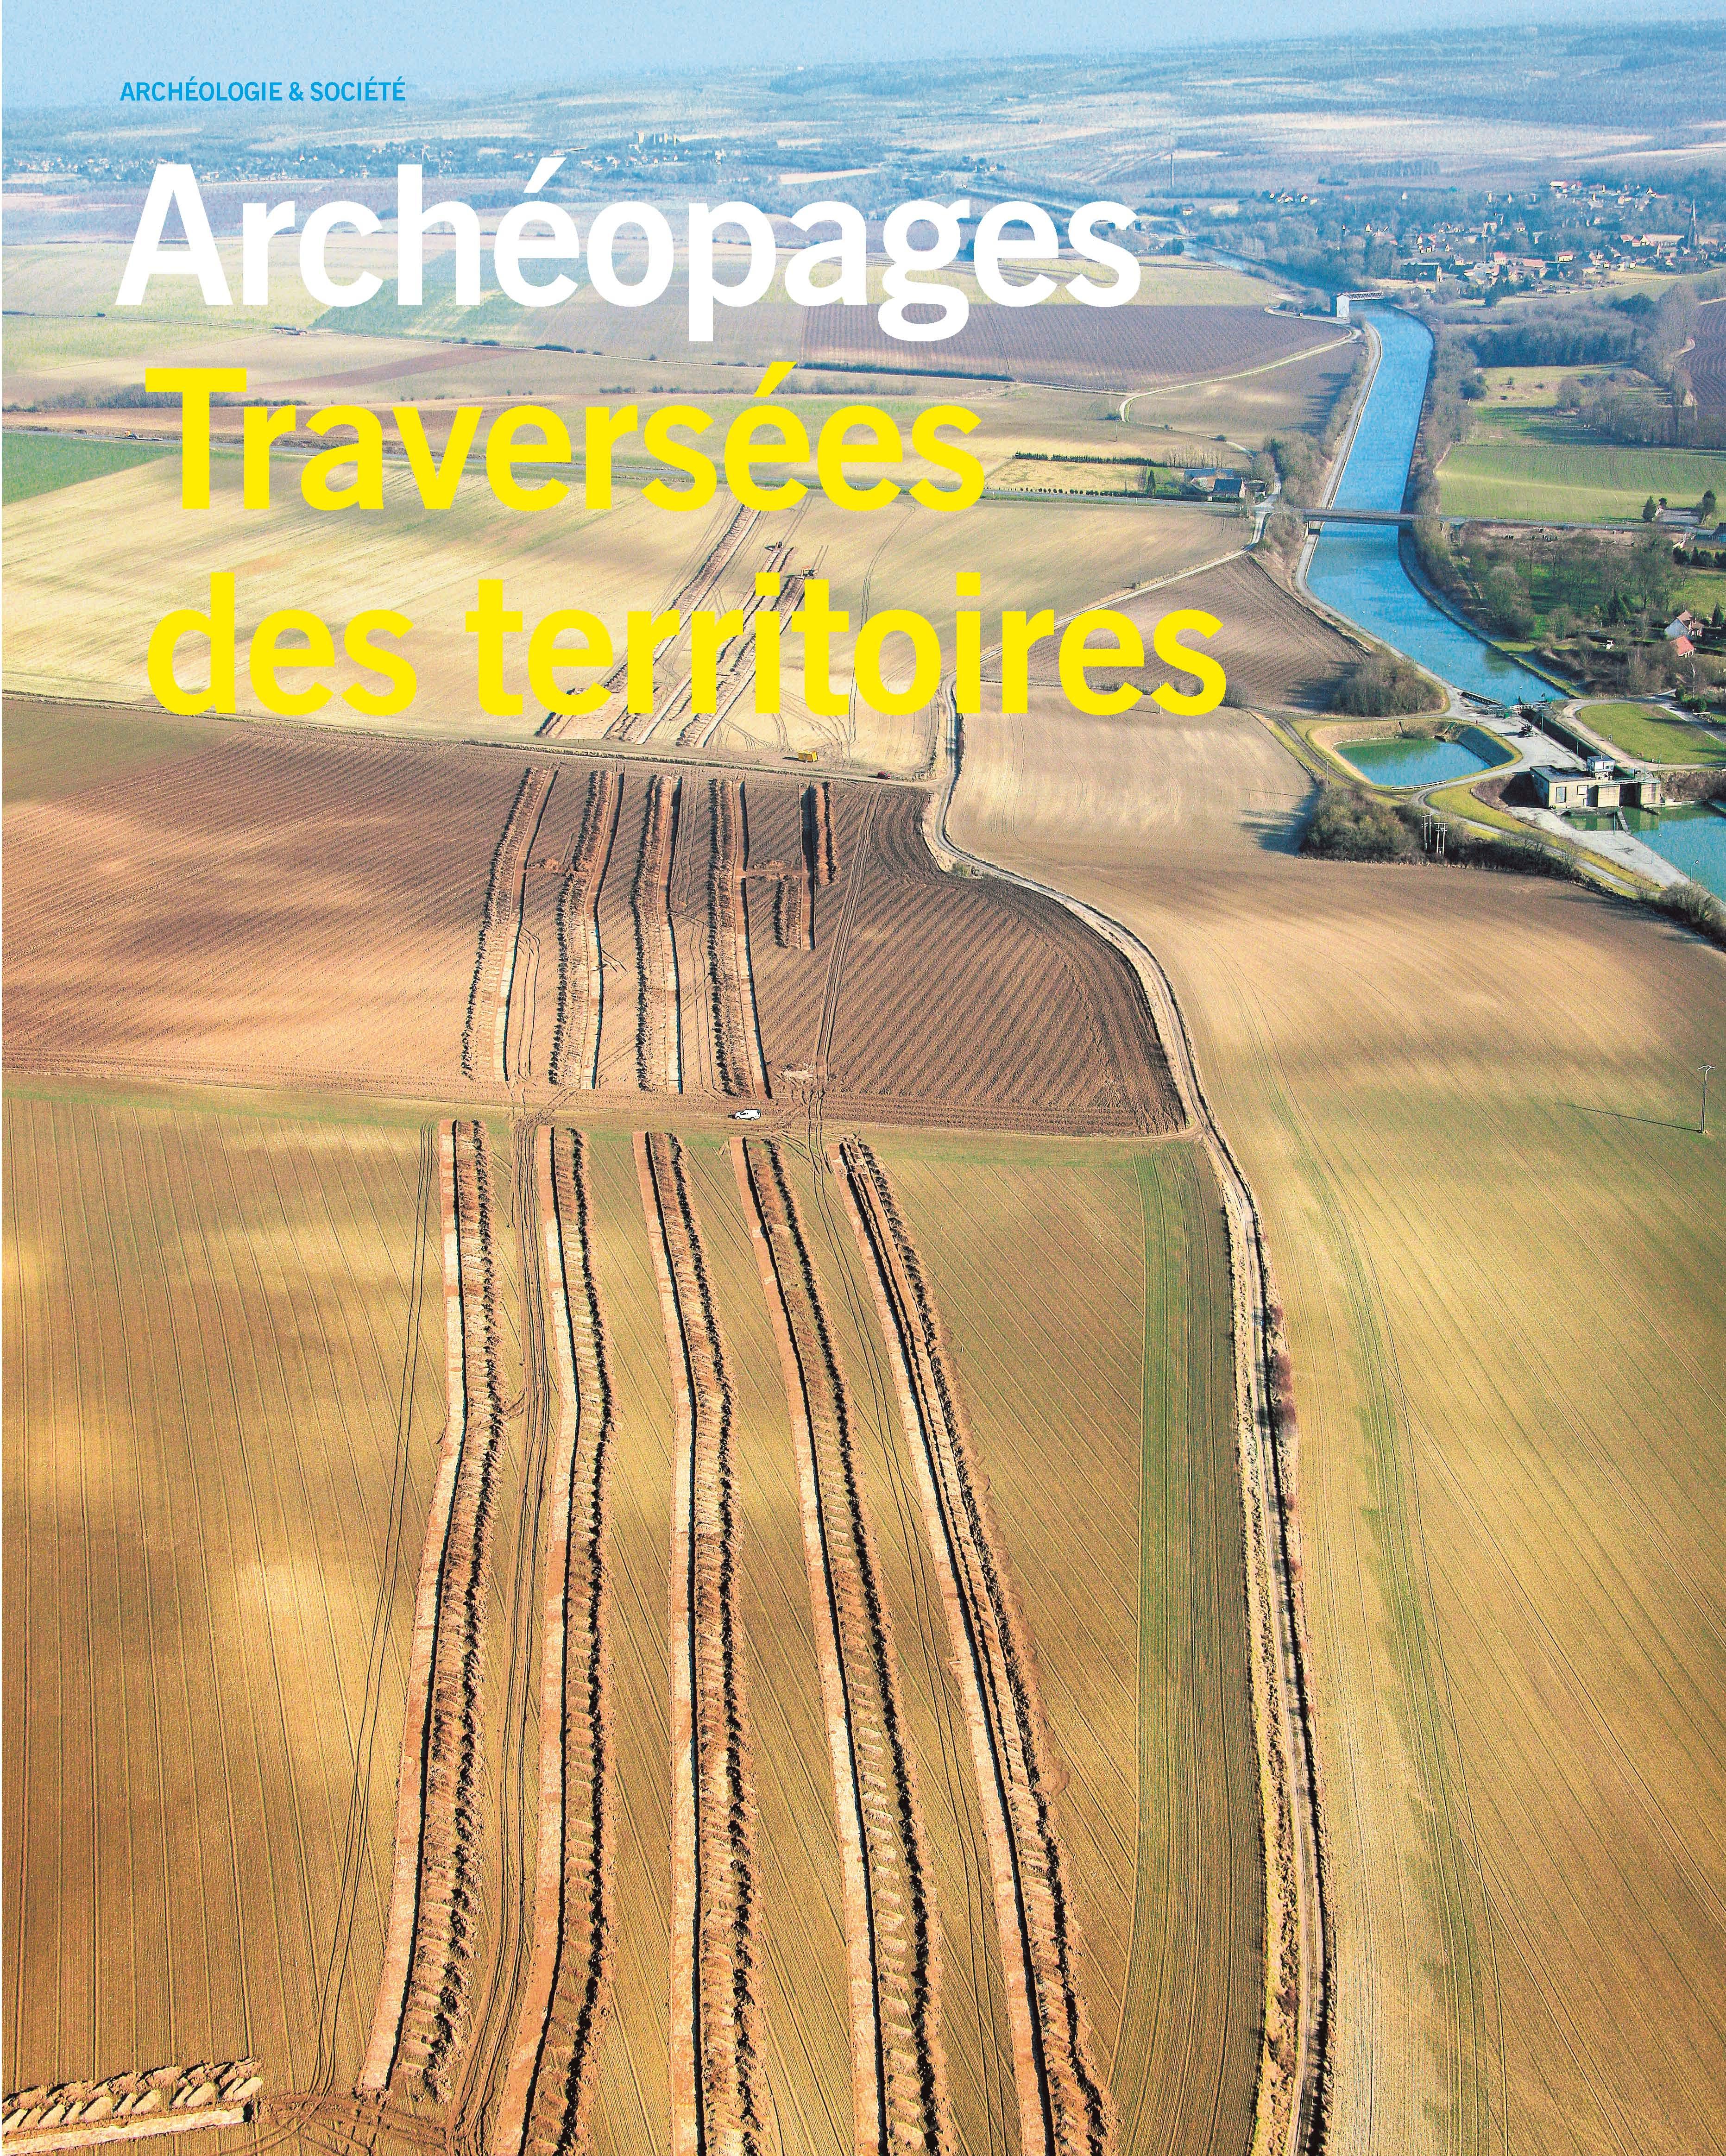 Archéopages HS 4 : Traversée des territoires